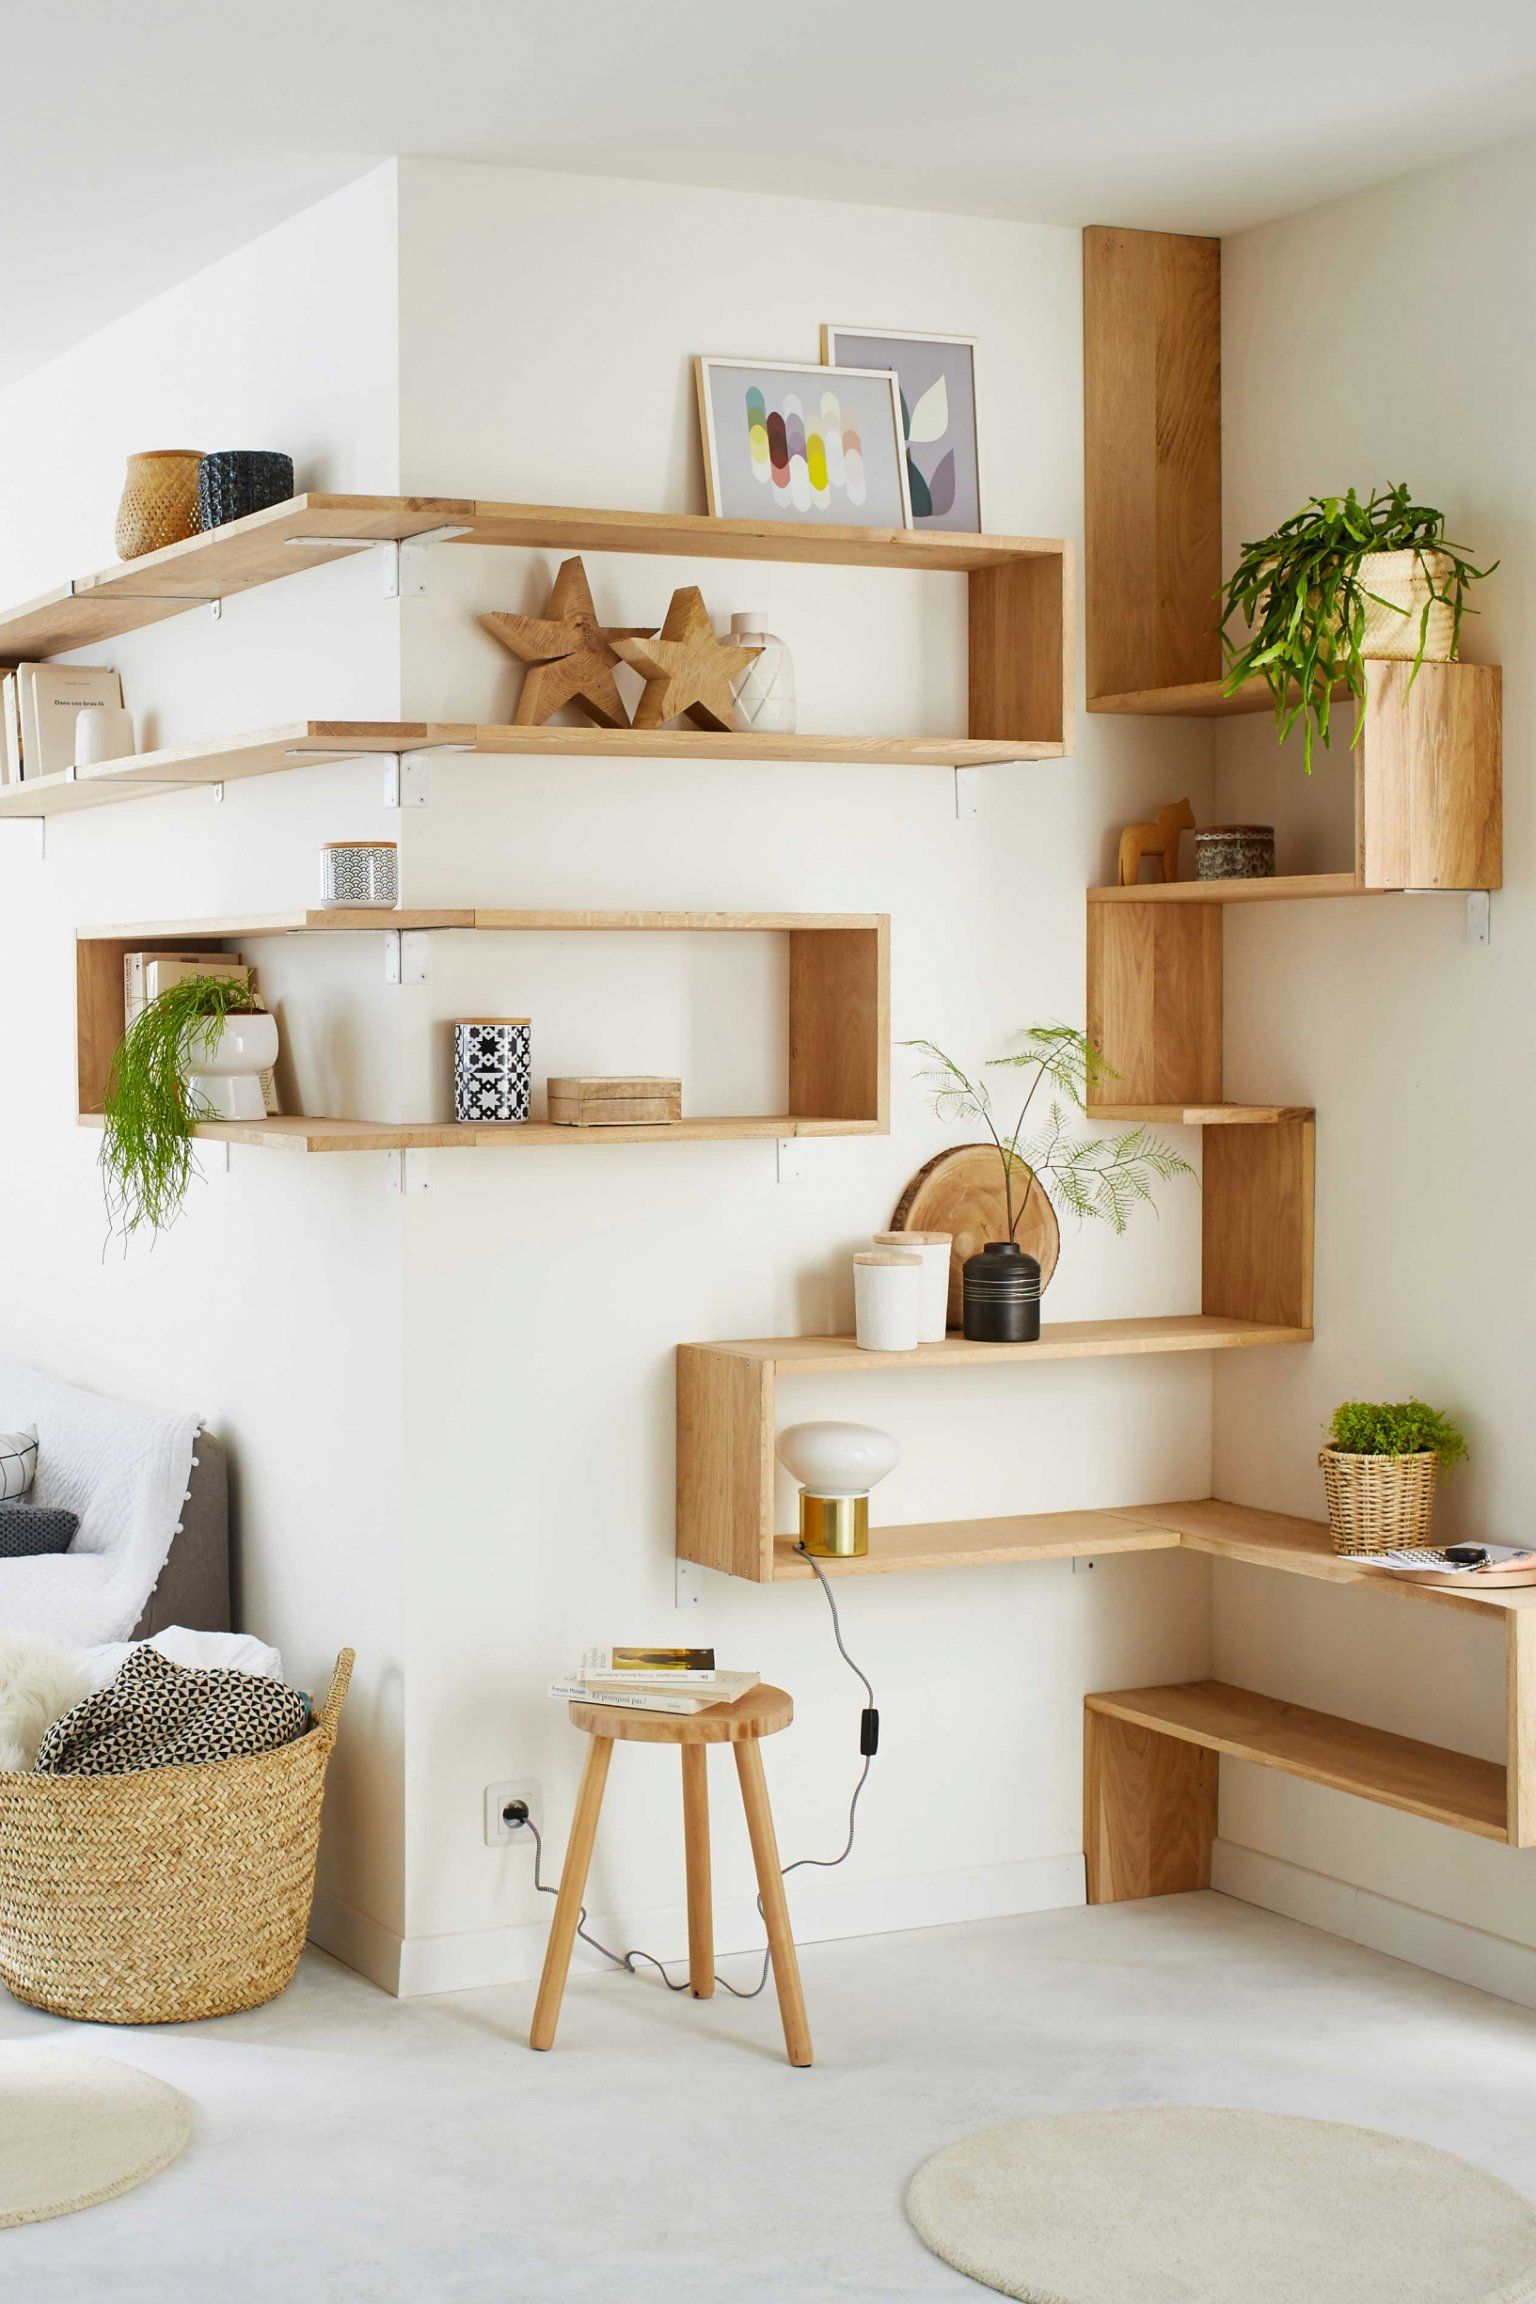 15 Meubles D Angle Parfaits Pour Optimiser Les Moindres Recoins D Une Piece Meuble D Angle Deco Salon Et Bibliotheque Murale Design